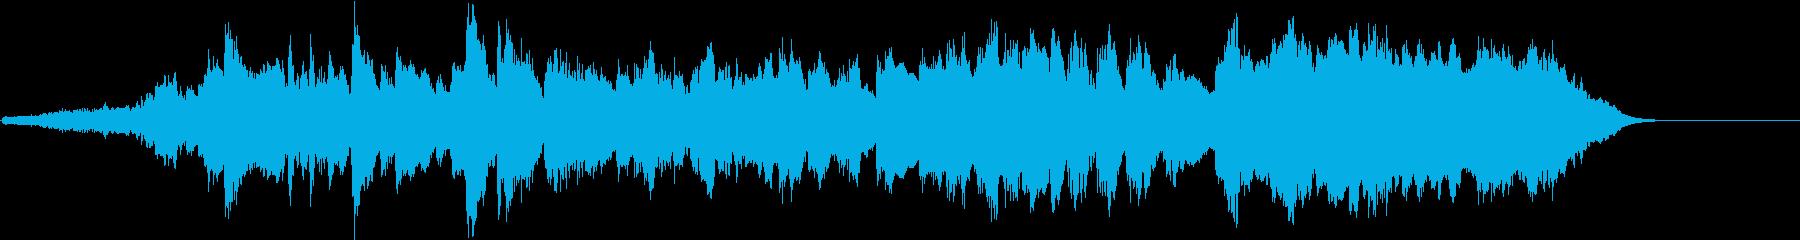 ラプソディー・イン・ブルー オーケストラの再生済みの波形